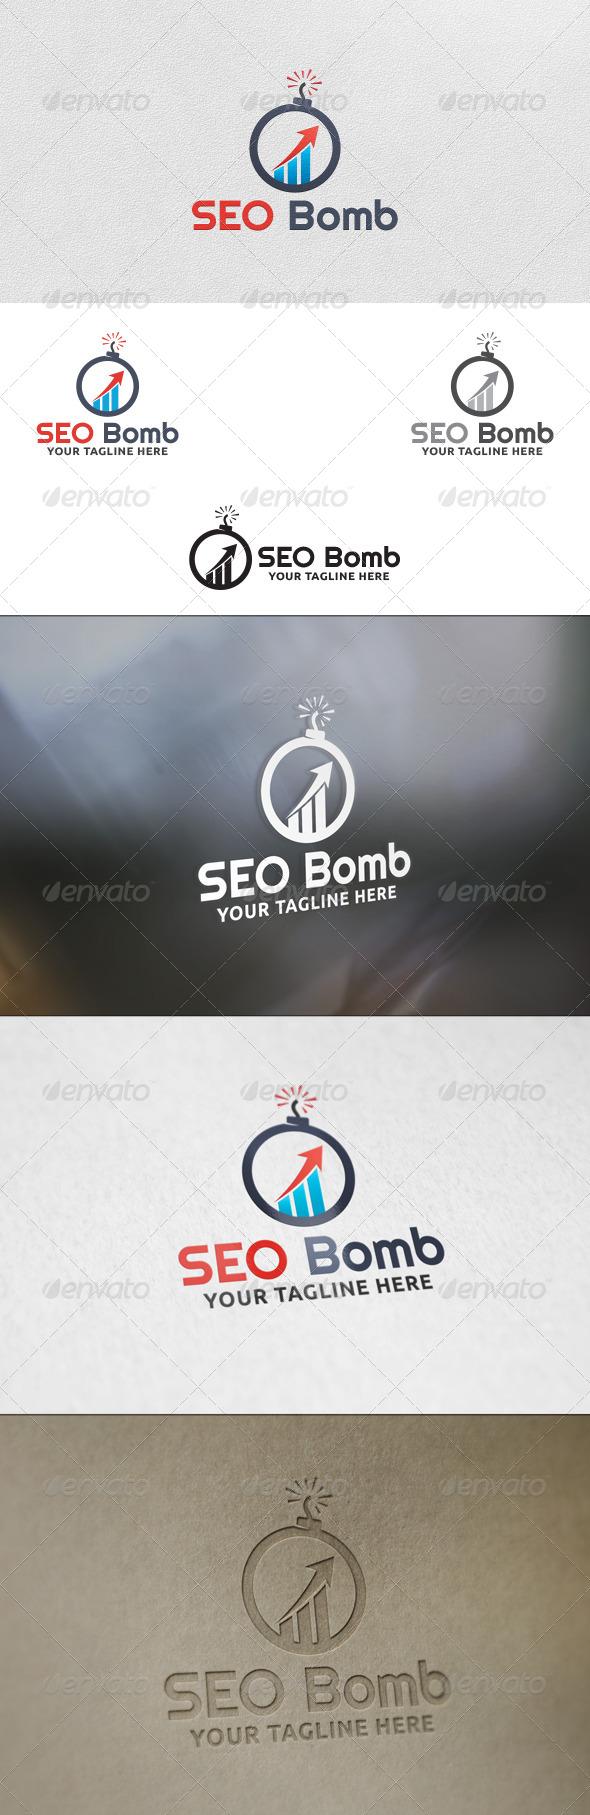 GraphicRiver SEO Bomb Logo Template 5812800